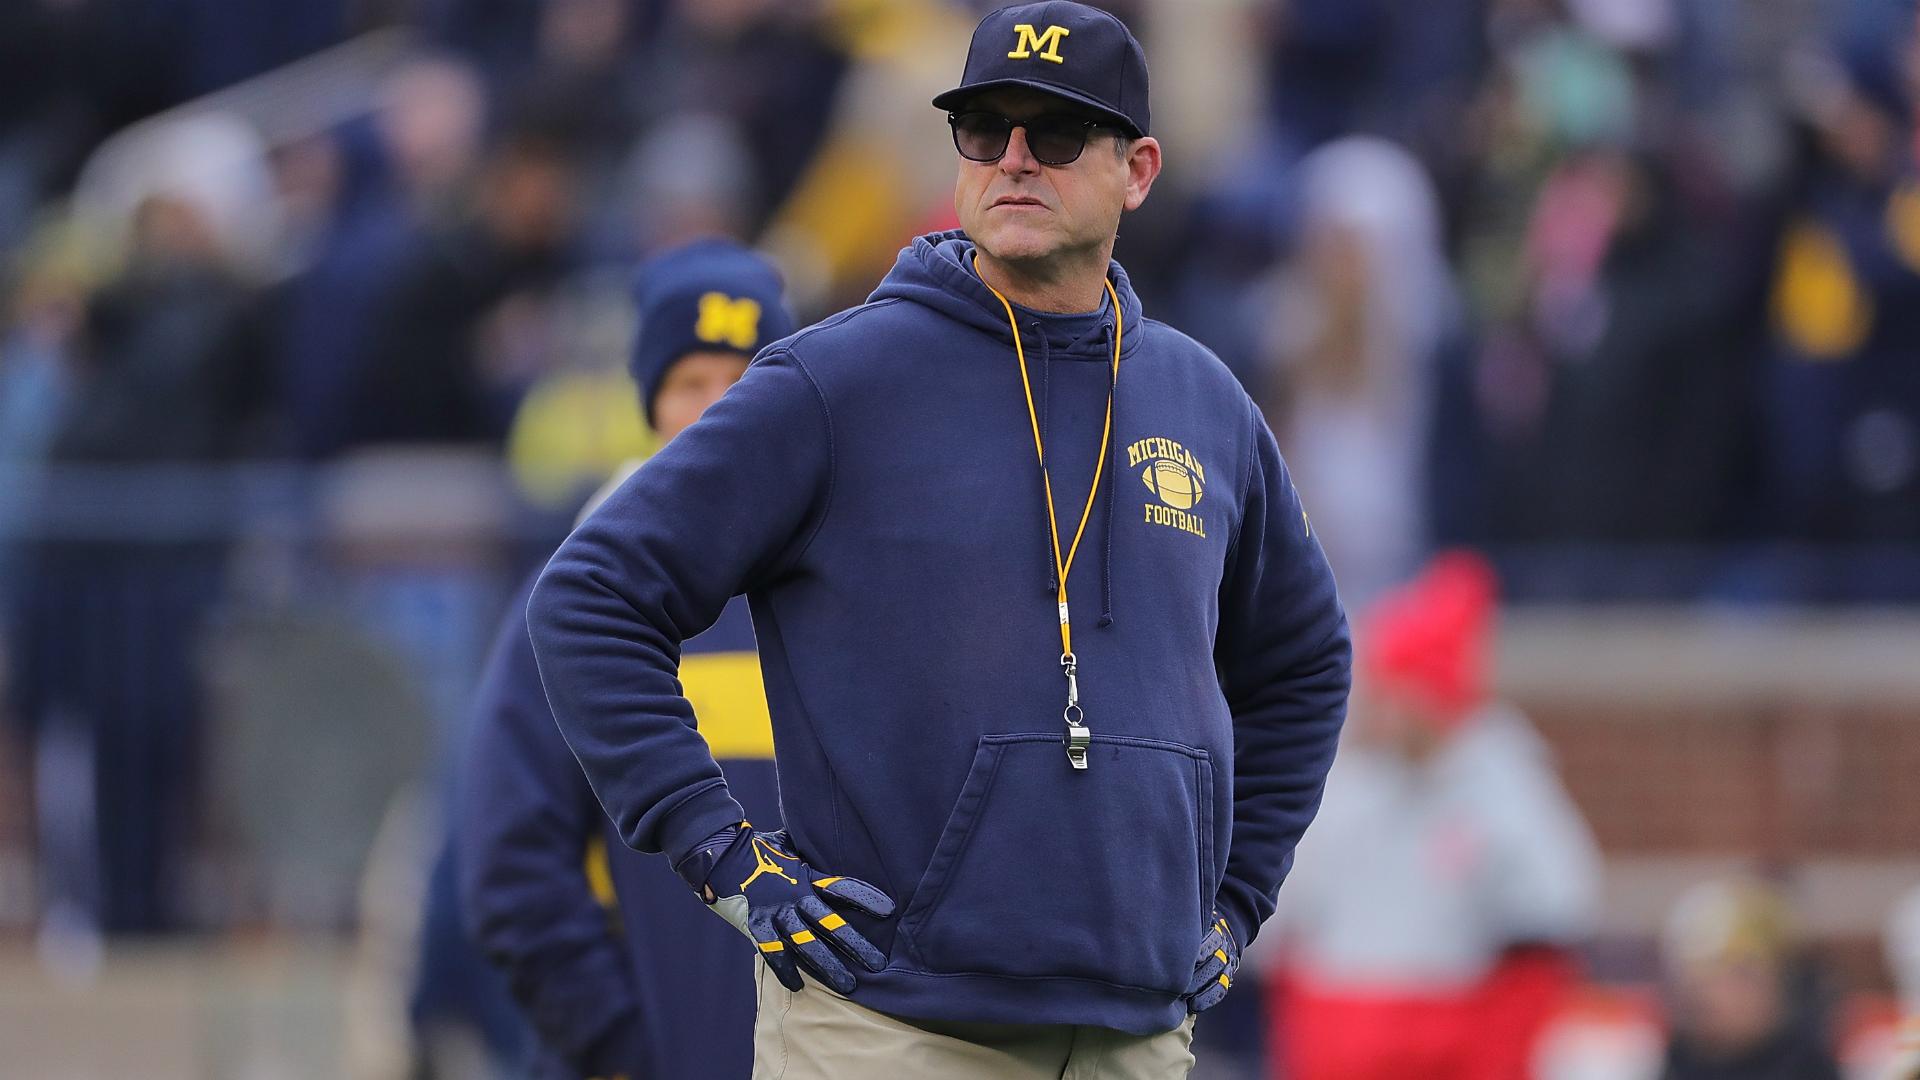 Michigan coach Jim Harbaugh marches in Ann Arbor protest